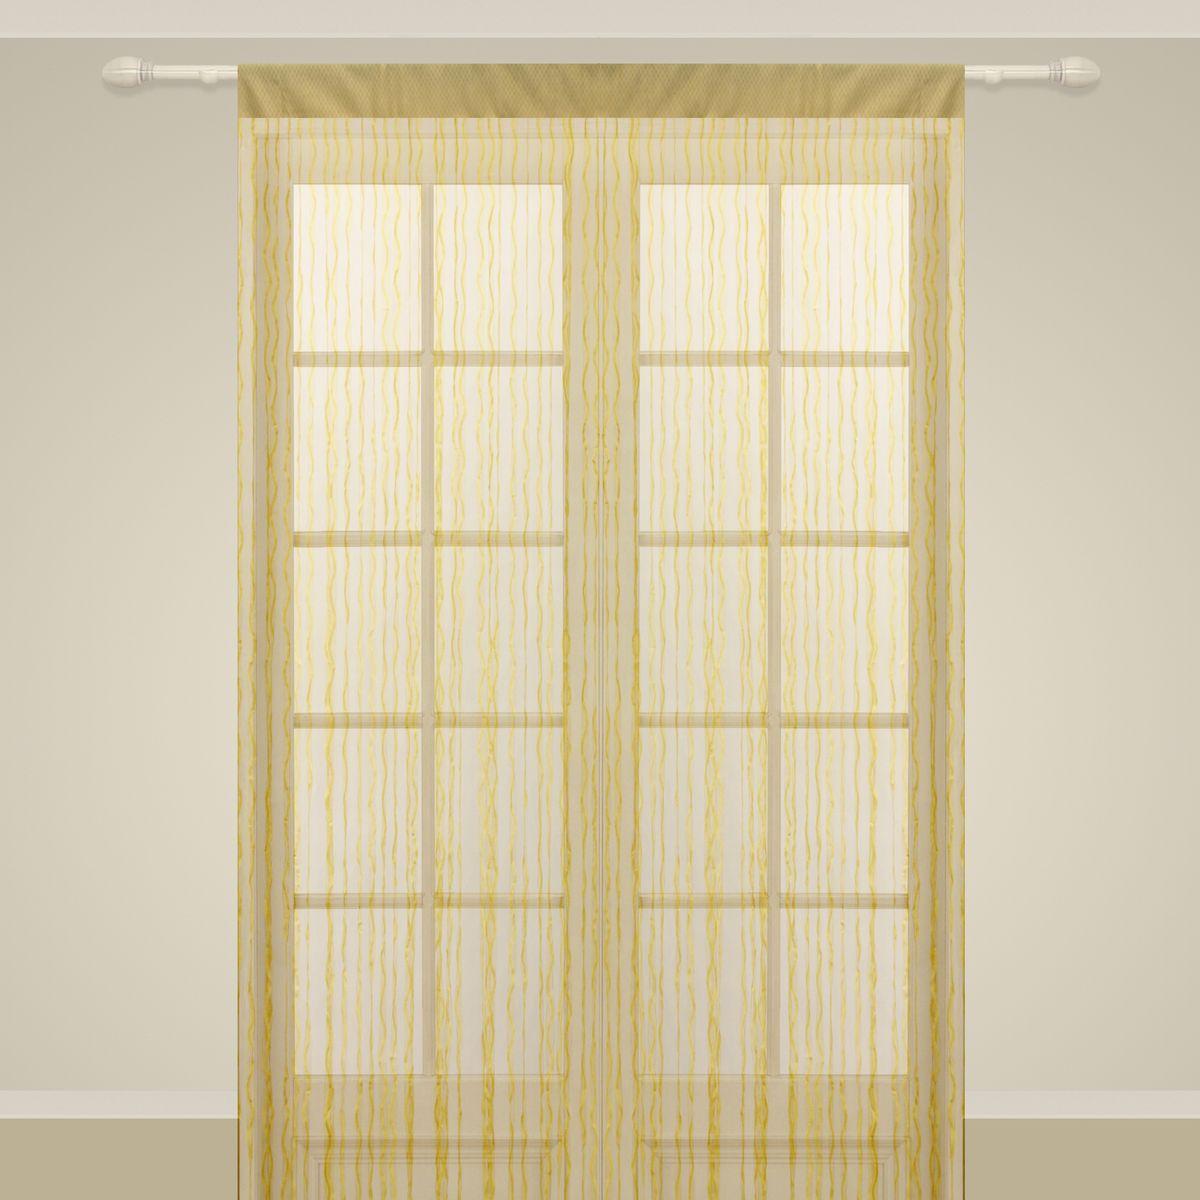 Штора нитяная Sanpa Home Collection, на ленте, цвет: золотистый, высота 290 смКШСатера, розово-серый, , ш180*в260-2шт/ш400*в260см + 2 подхватаШтора нитяная Sanpa Home Collection, выполненная из текстиля, подходит как для зонирования пространства, так и для декорации окна, как самостоятельное решение или дополнение к шторам. Такая штора великолепно дополнит интерьер вашего дома и станет отличным дизайнерским решением.